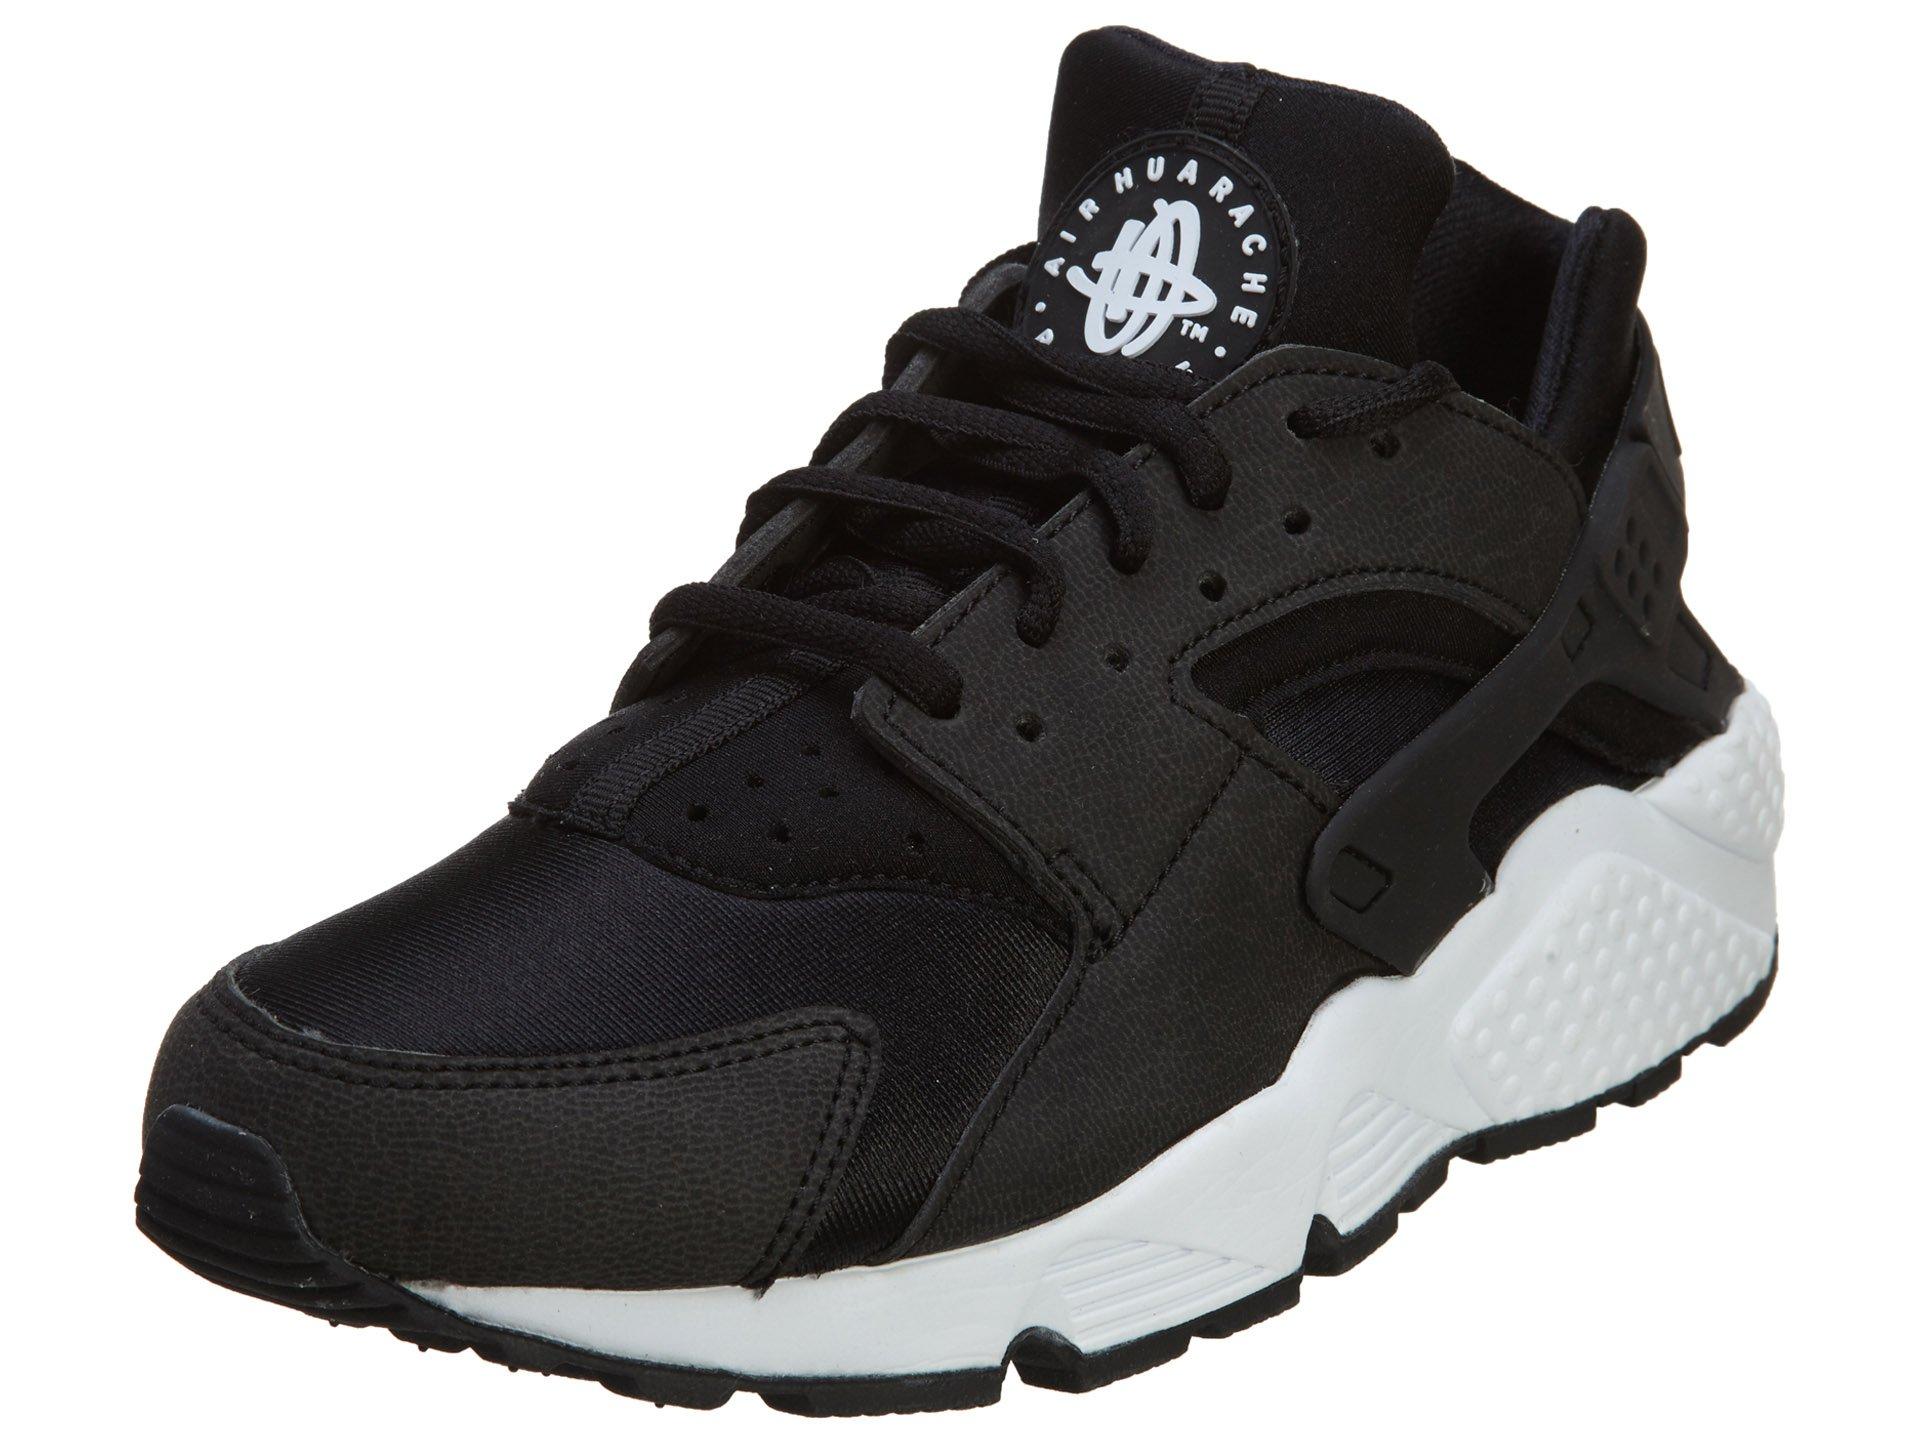 newest eb539 c6da7 Galleon - Nike - WMNS AIR Huarache Run  634835-006  Black Black White 8